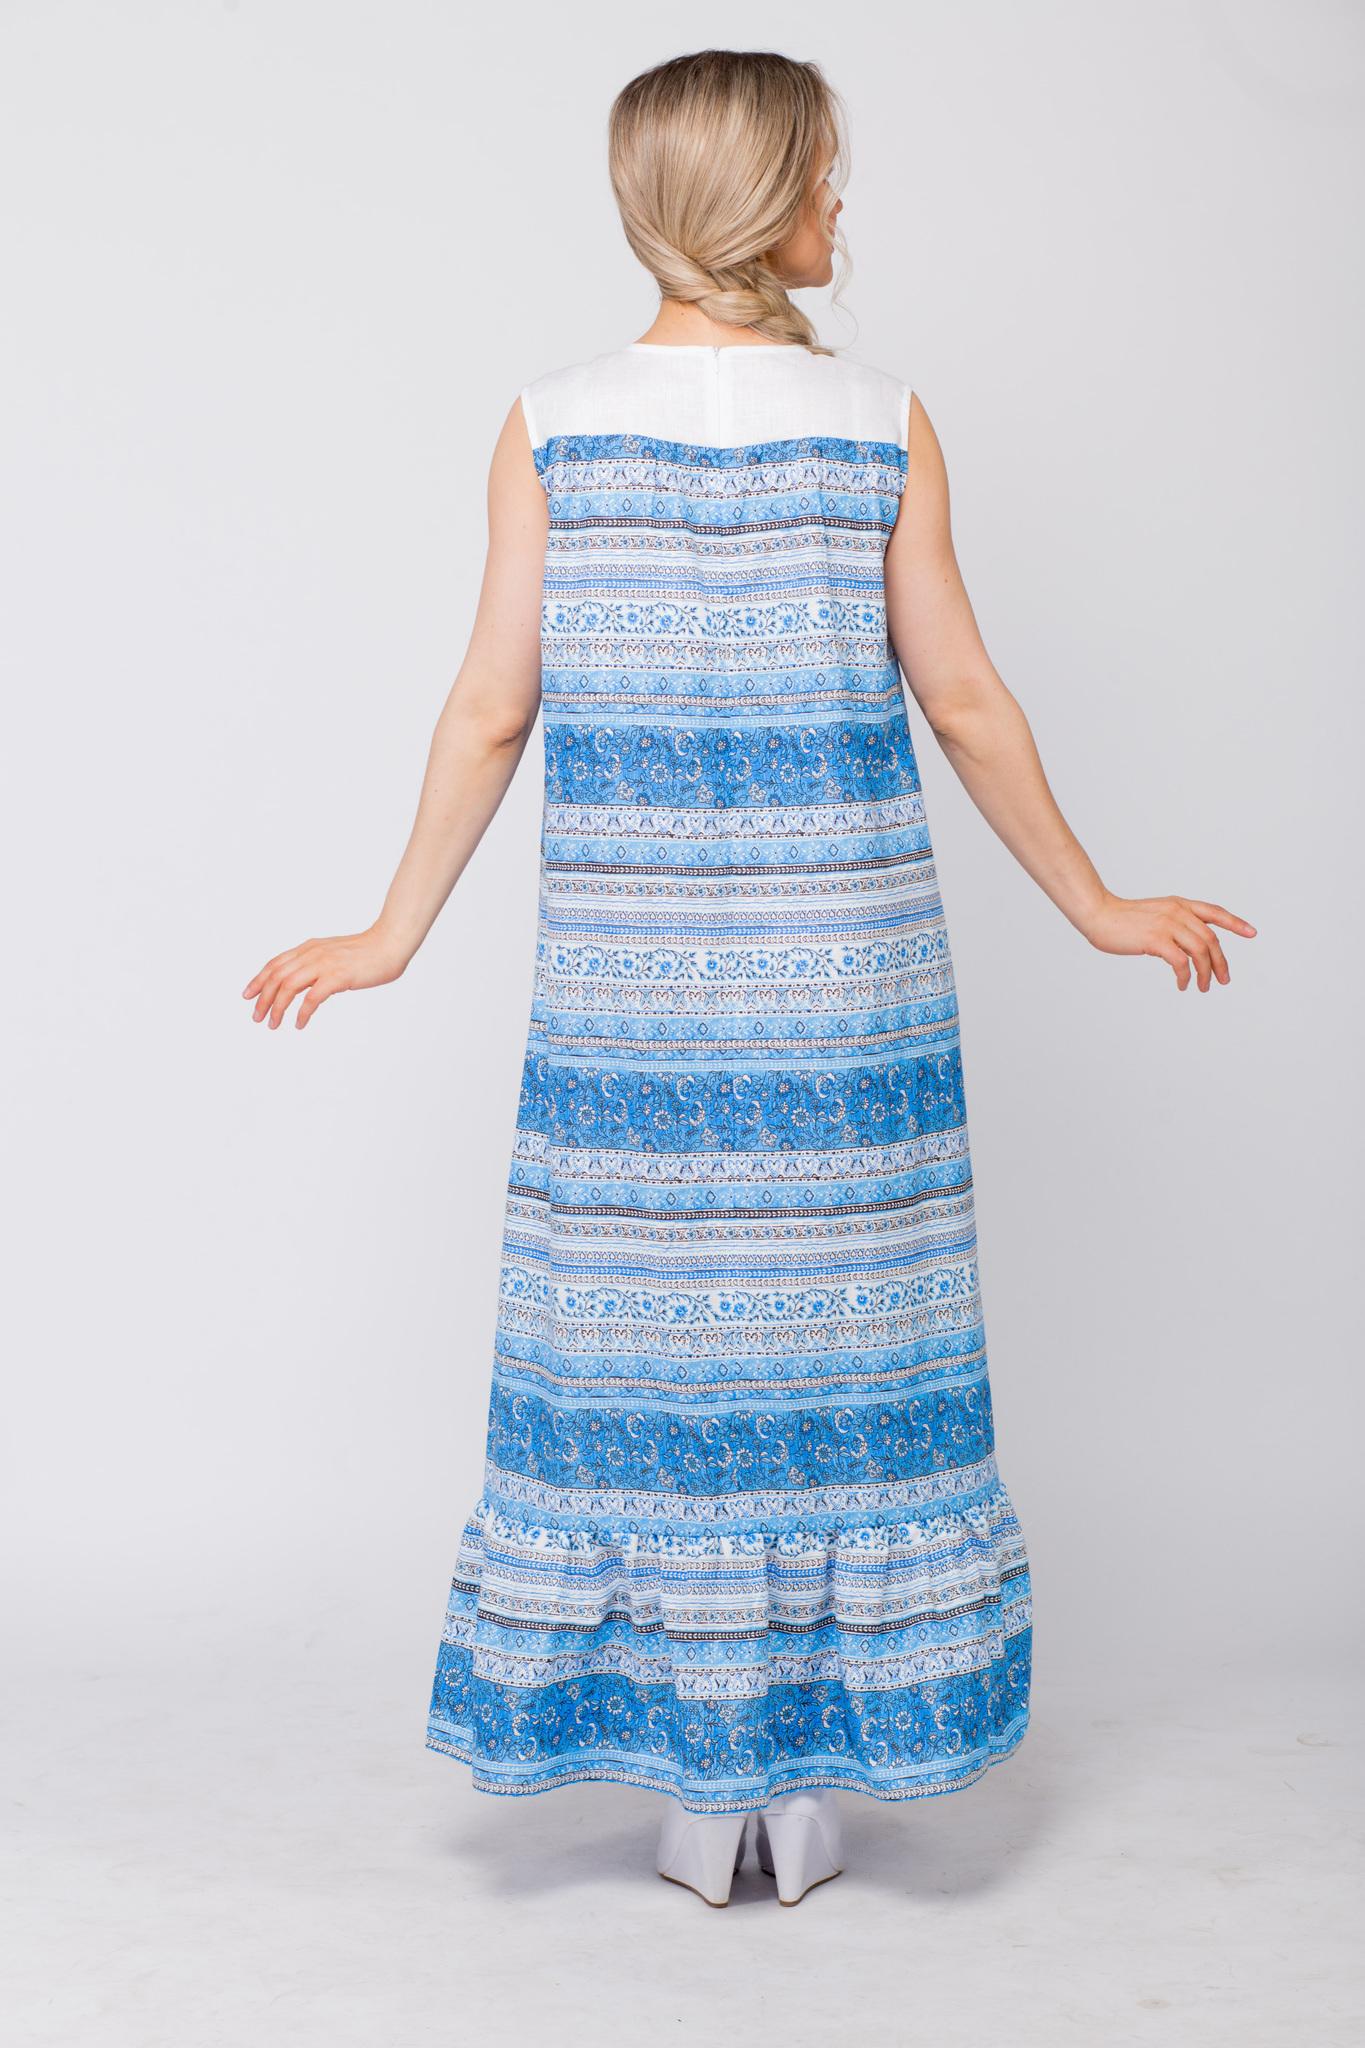 Платье льняное Утренняя роса вид сзади